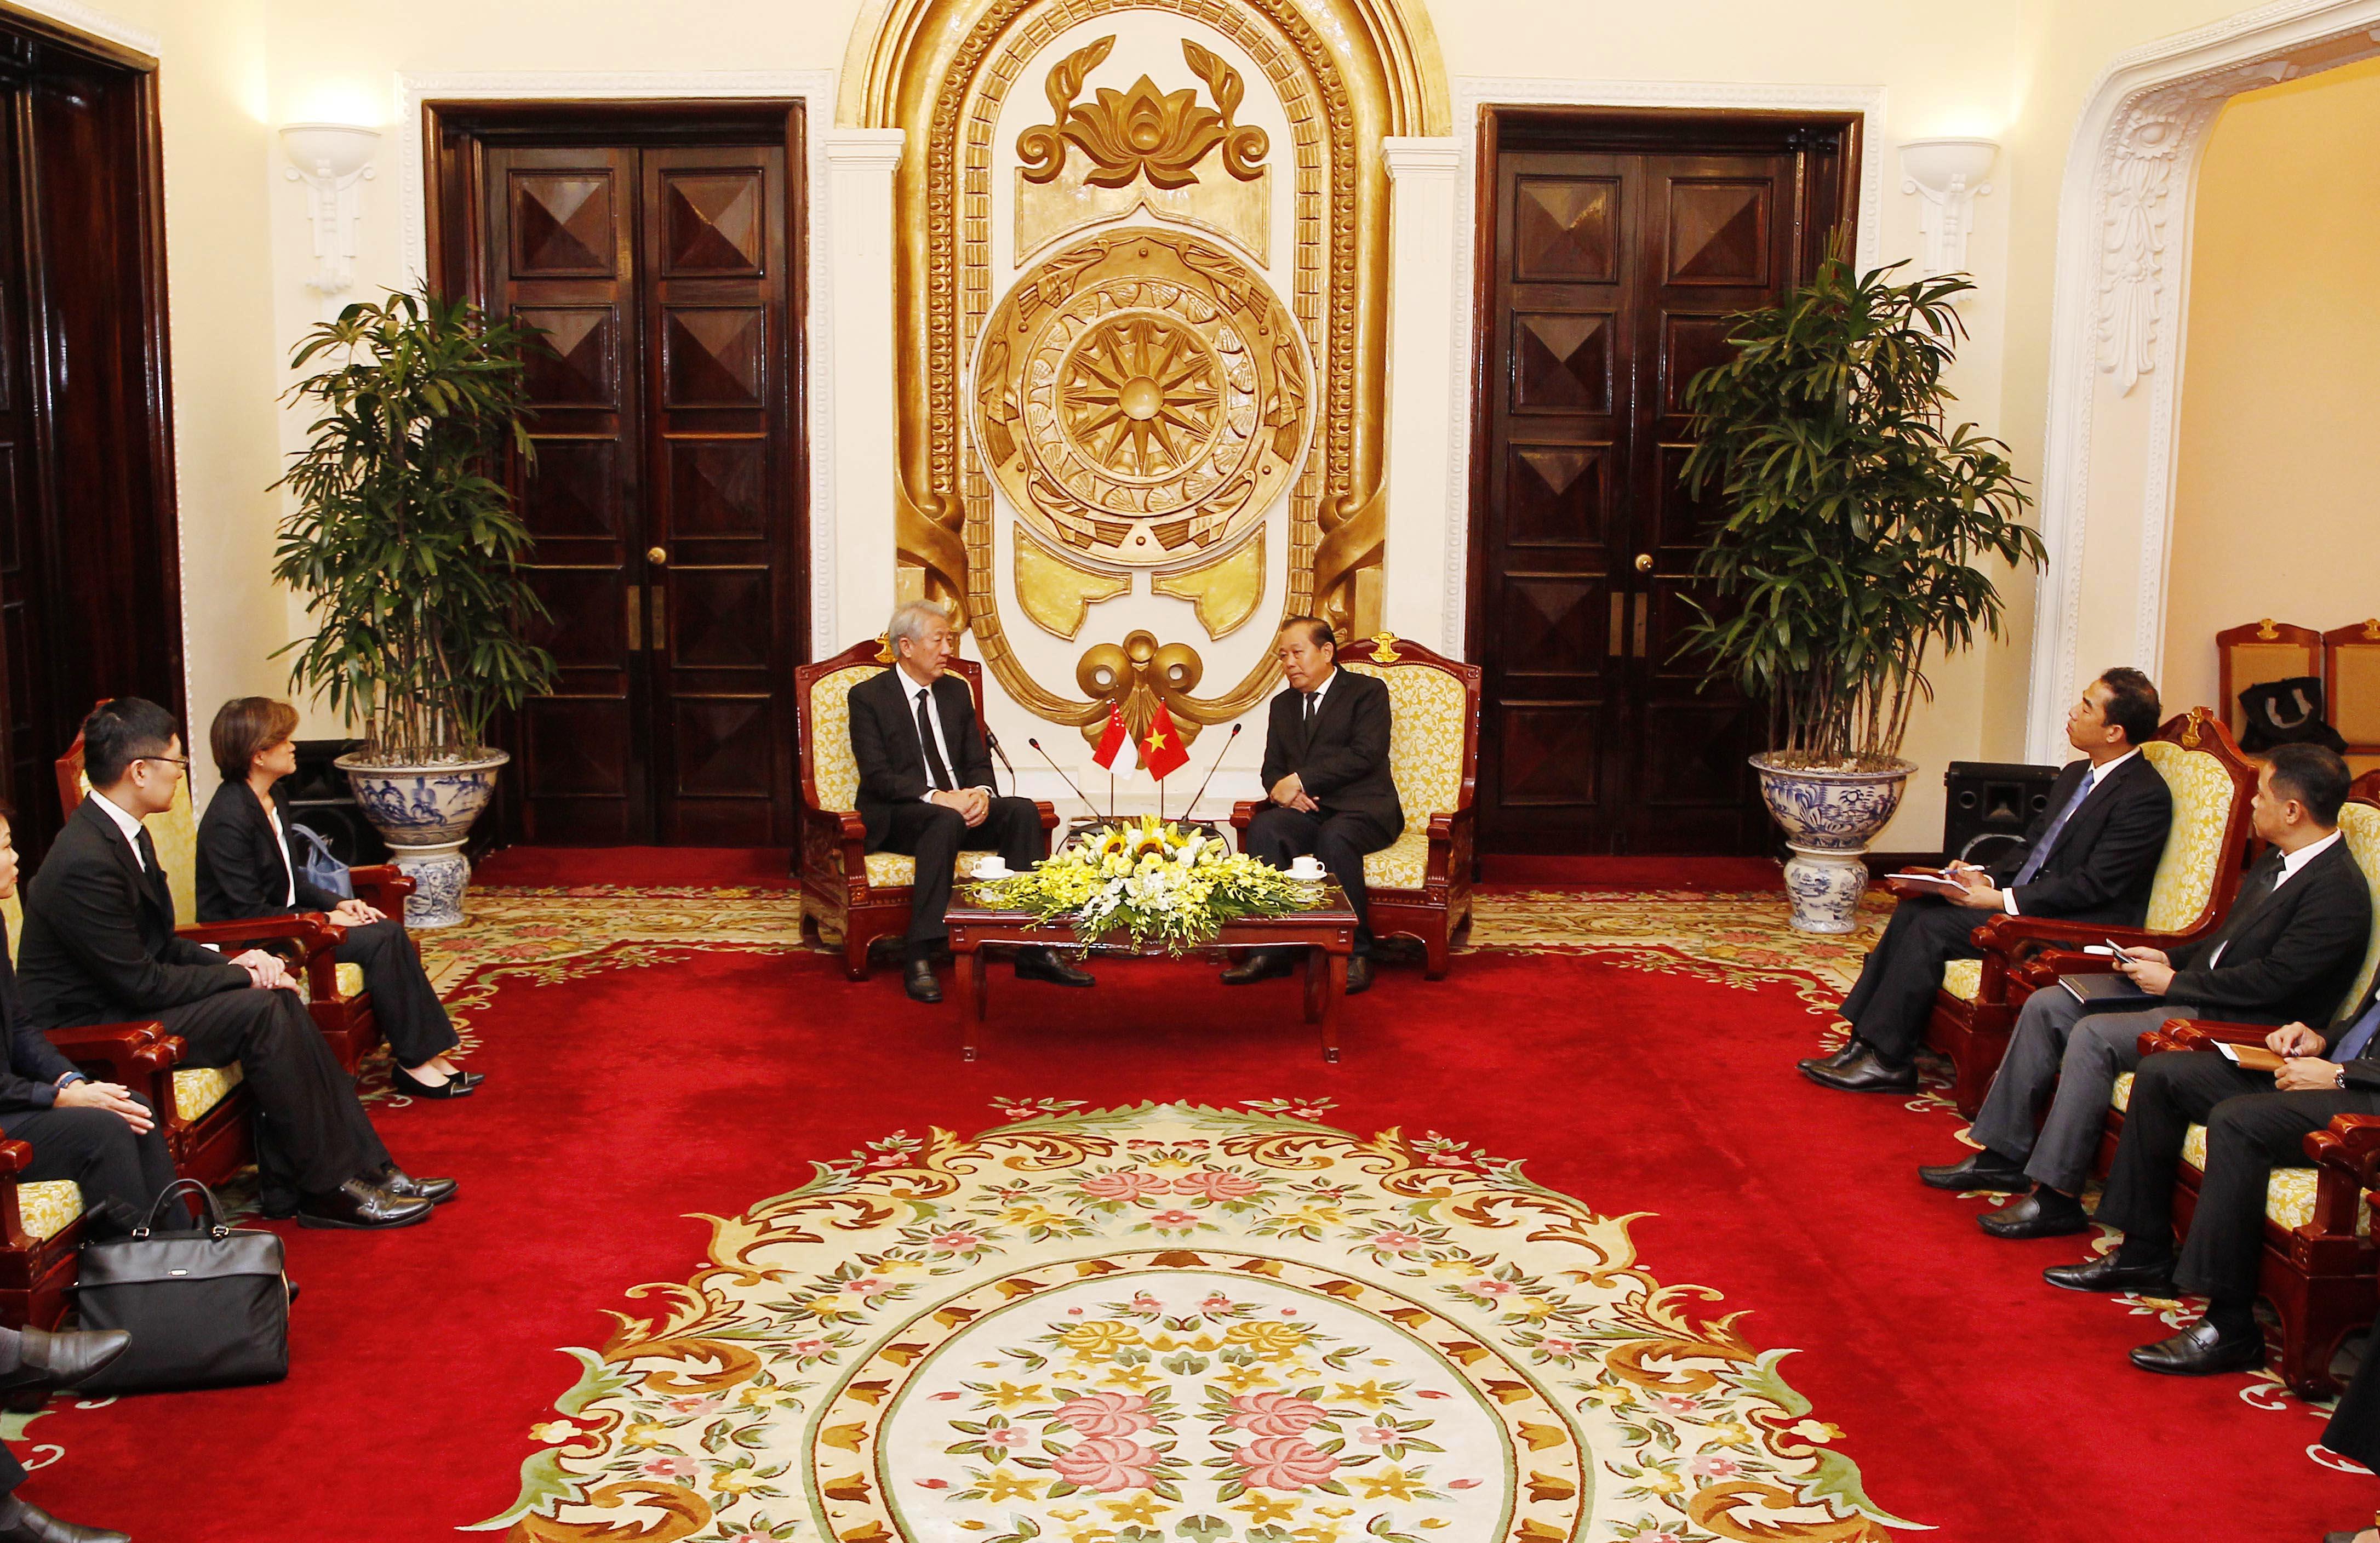 Phó Thủ tướng Trương Hòa Bình tiếp Phó Thủ tướng, Bộ trưởng An ninh Quốc gia Xinh-ga-po Tiêu Chí Hiền